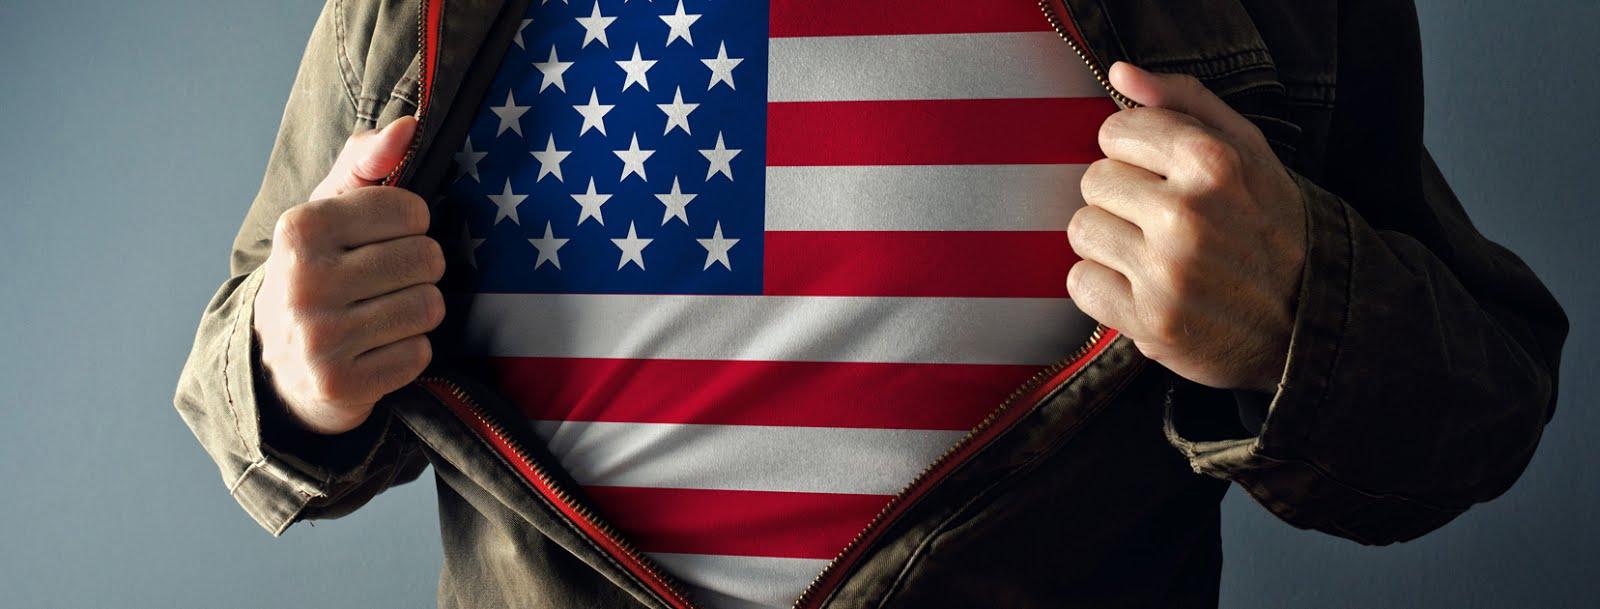 UnitedStatesofAmerica.com